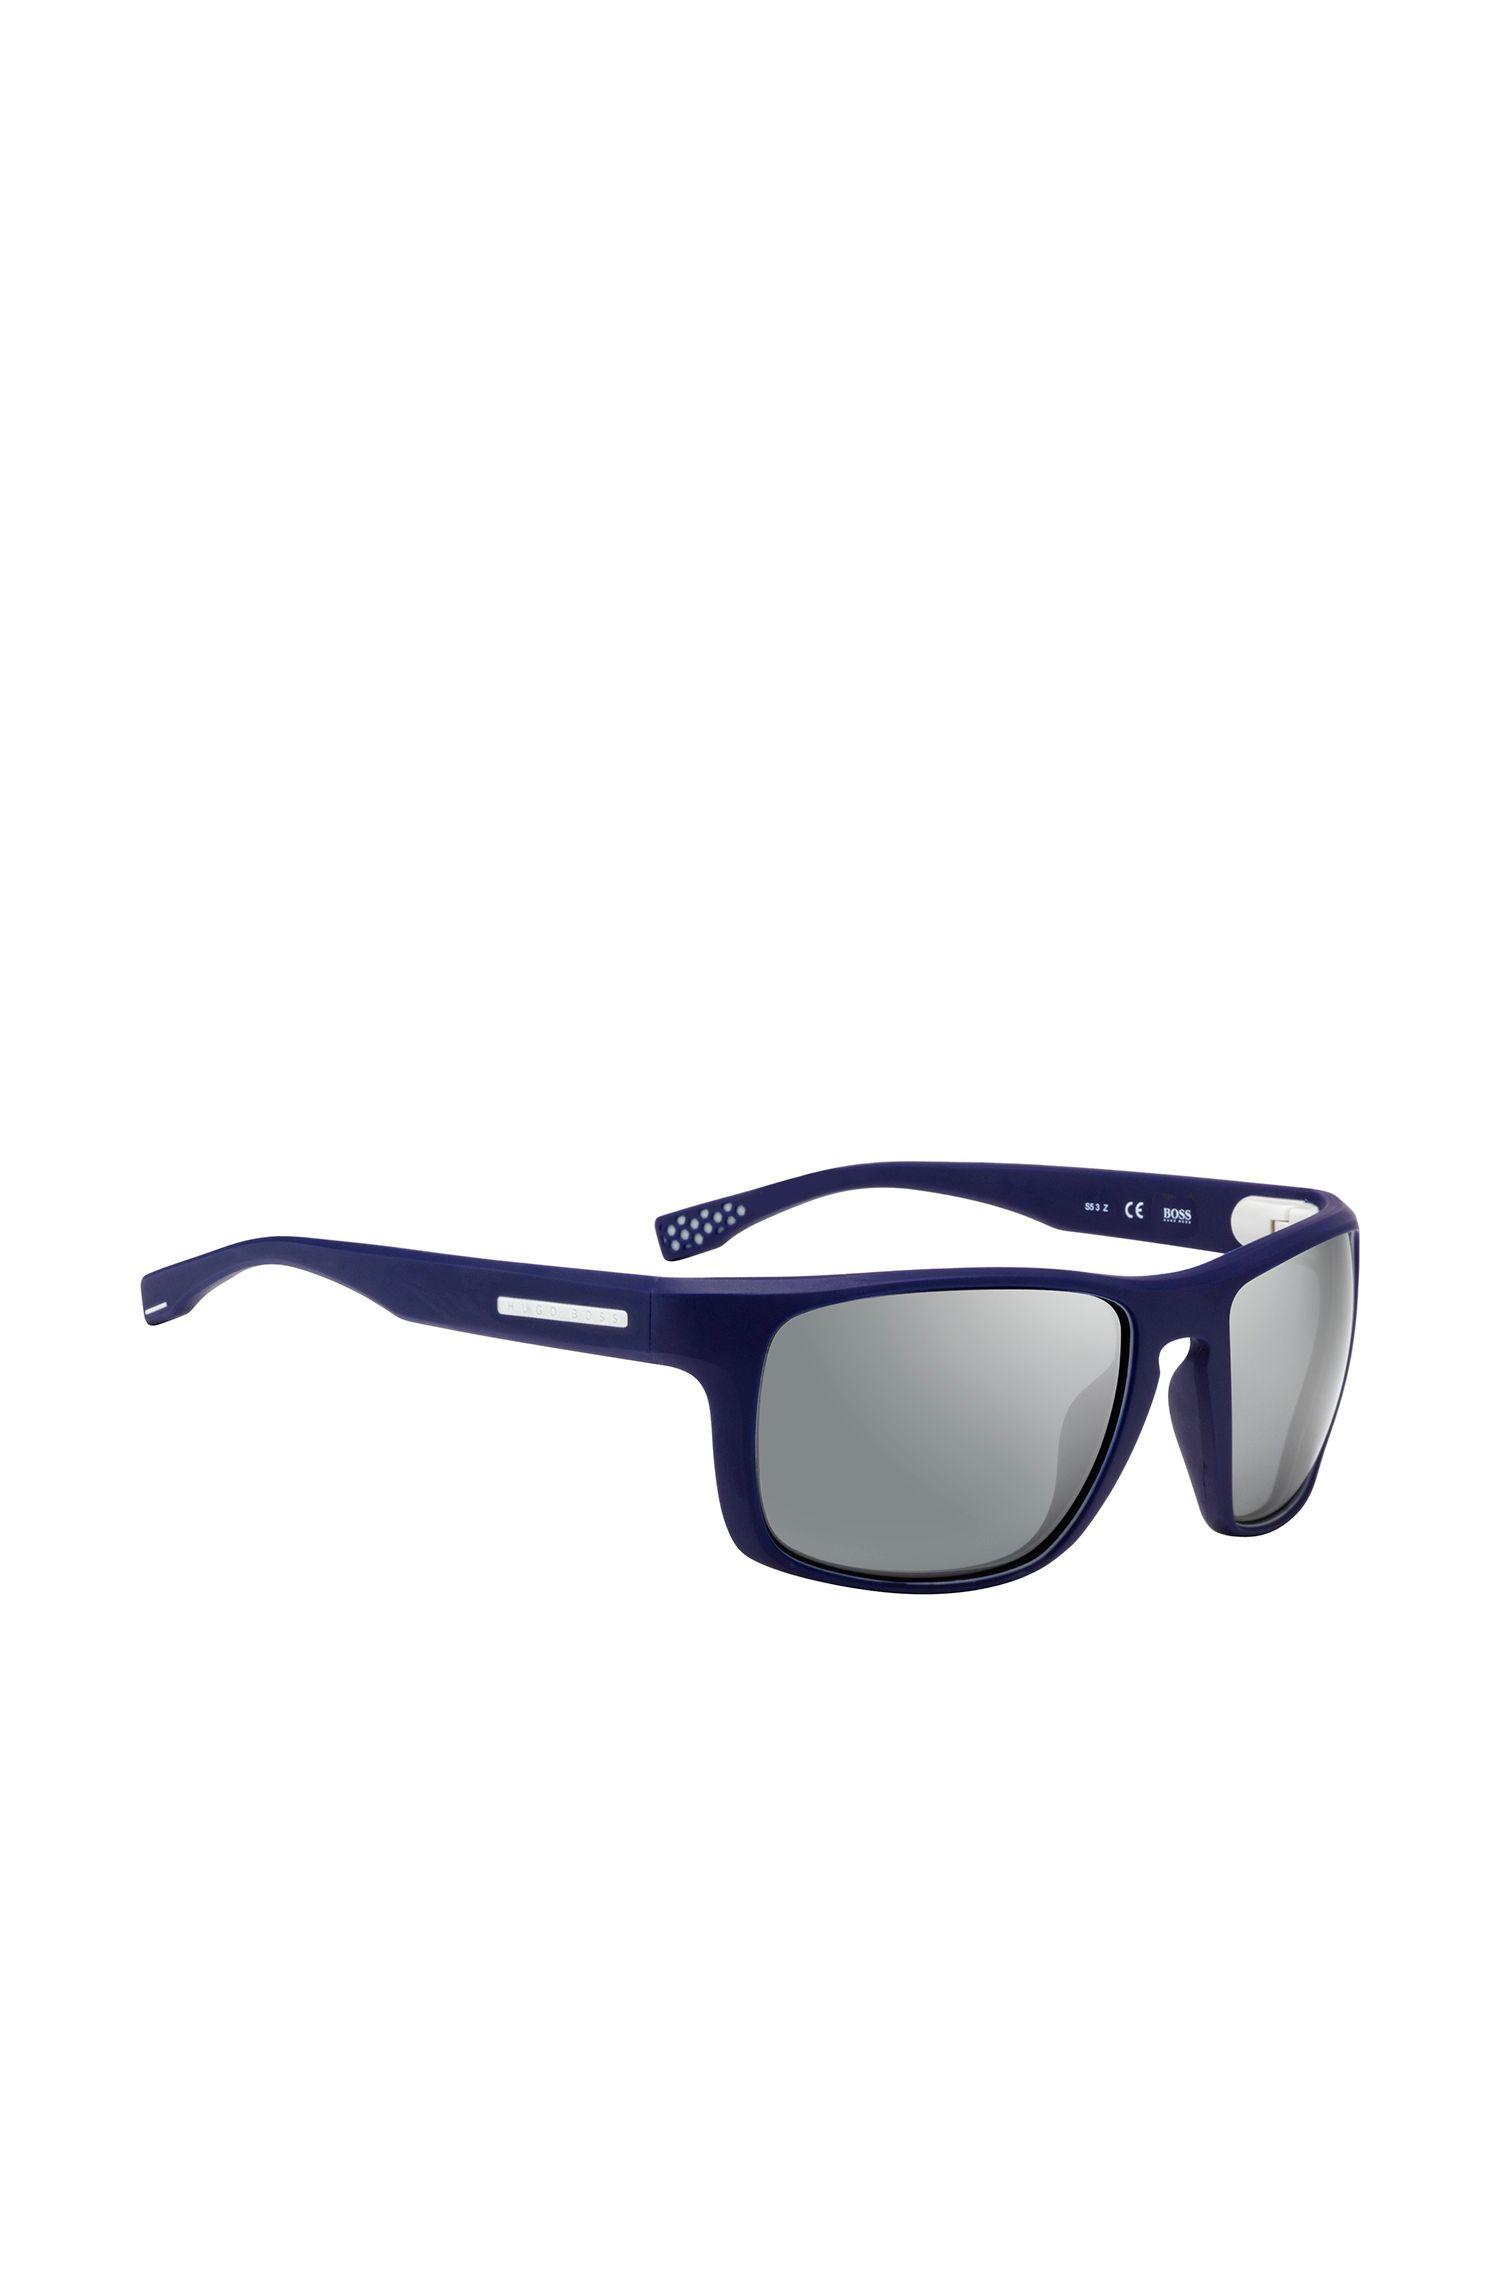 Donkerblauwe zonnebril met rechthoekig, volledig montuur: 'BOSS 0800/S'